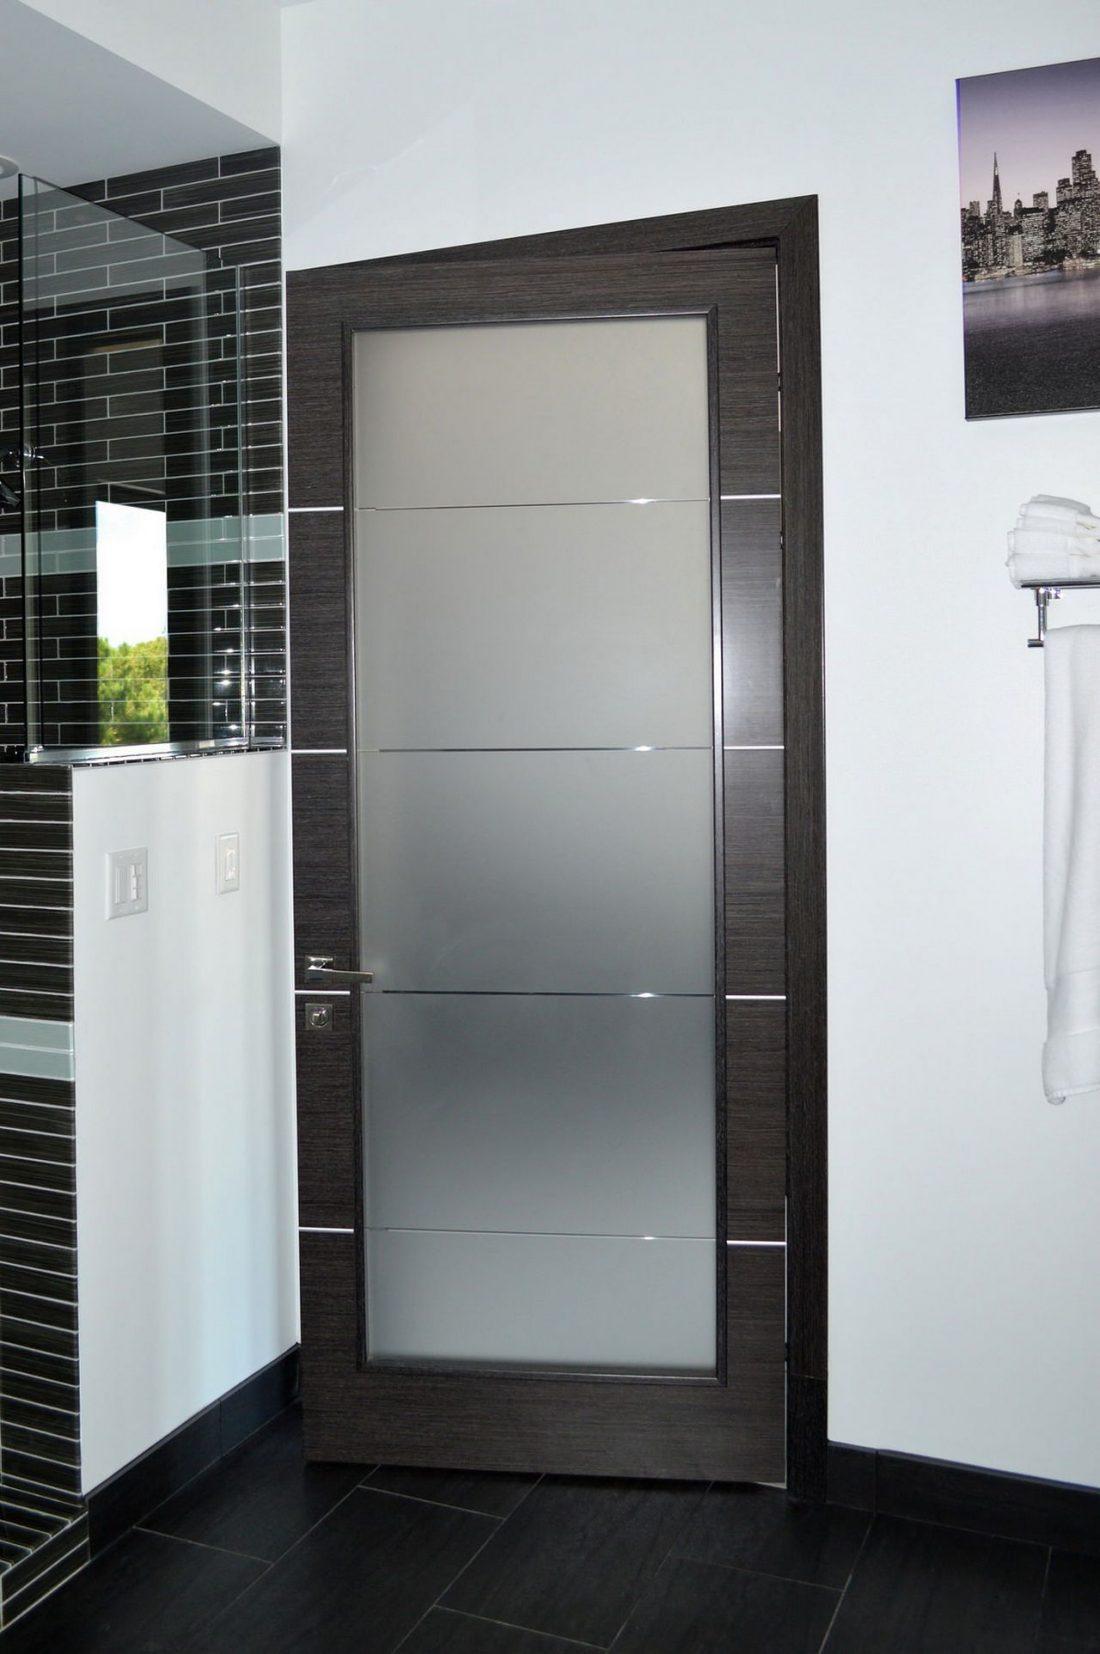 kak-vybrat-mezhkomnatnye-dveri-sovety-dizajnerov-foto-10